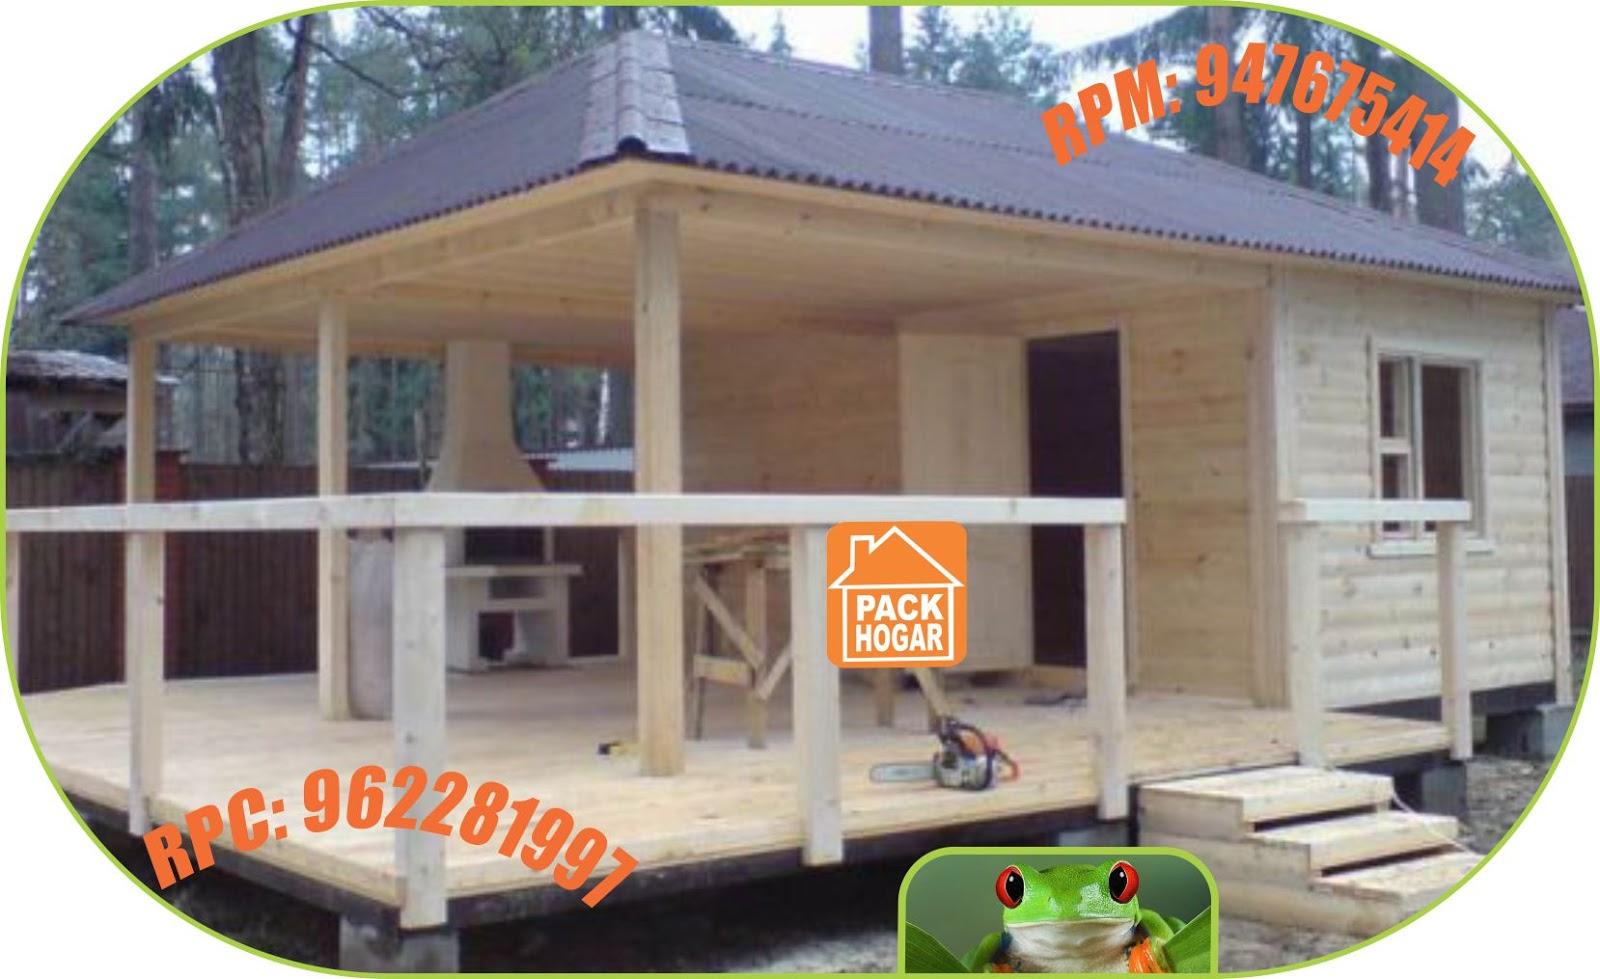 Fotos casas de madera en varios estilos casas ecol gicas for Fotos de casas modernas en lima peru